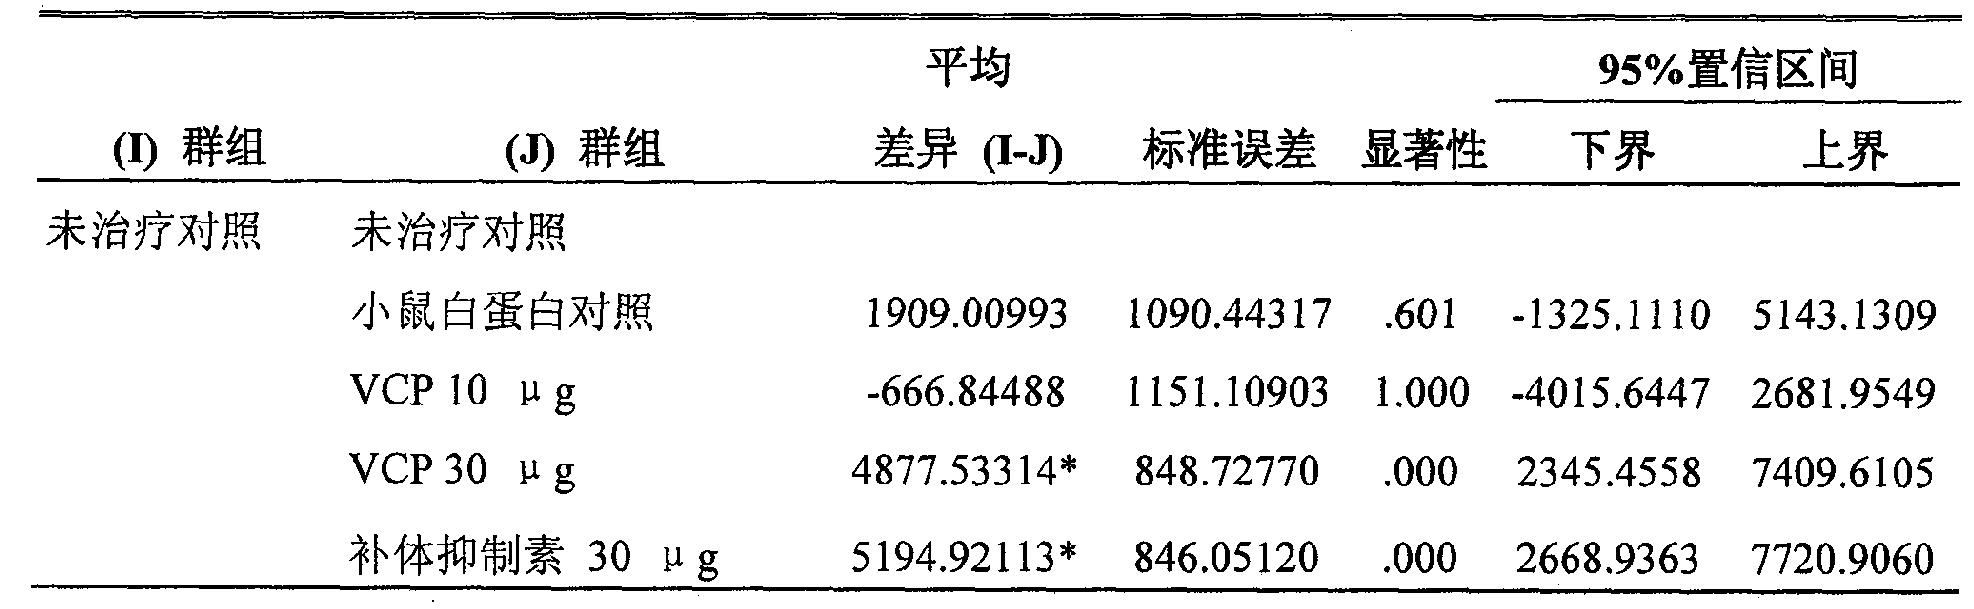 Figure CN101325963BD00601